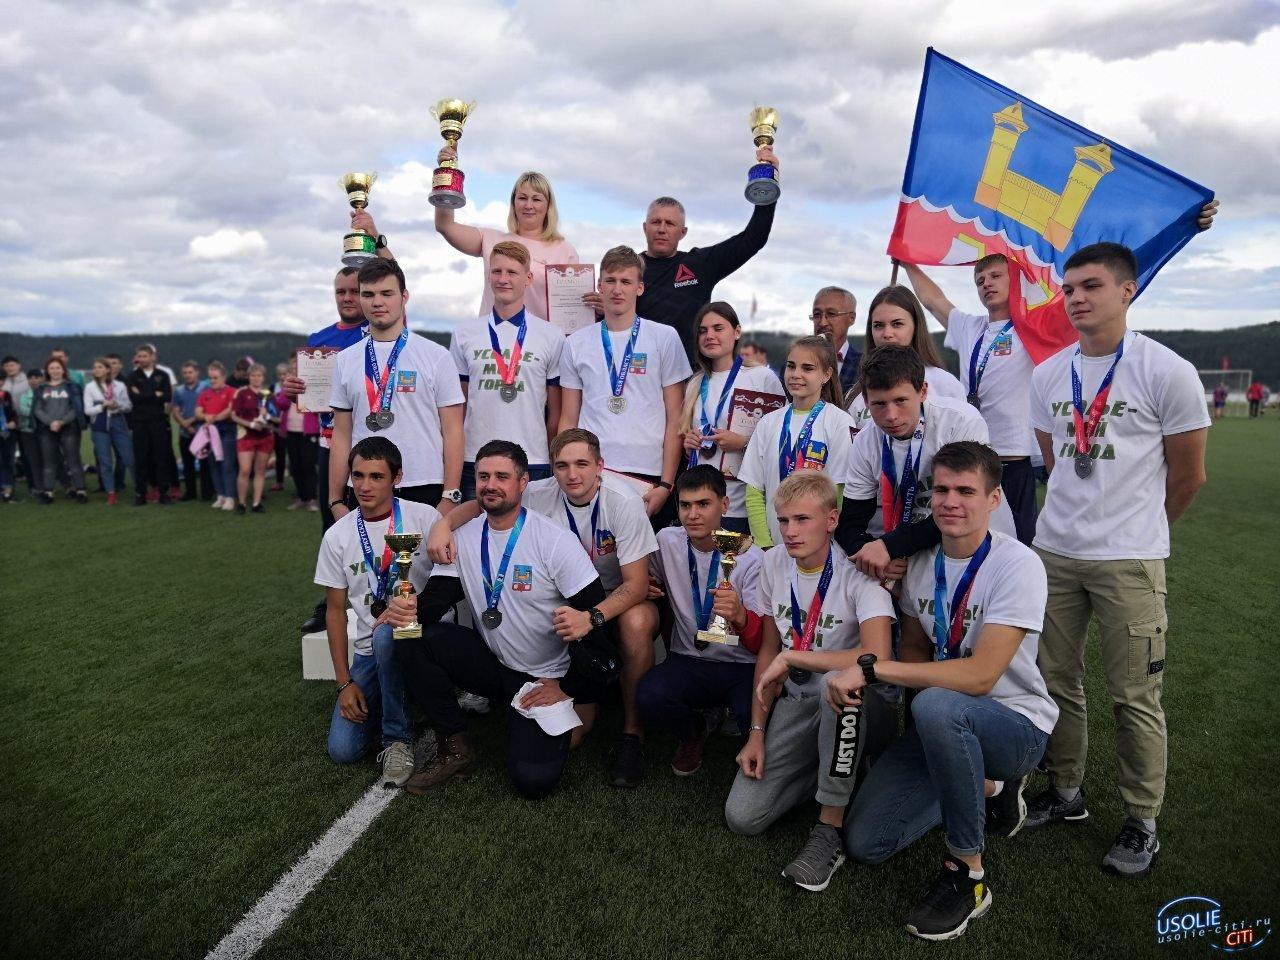 Усолье - победитель среди всех муниципальных образований области